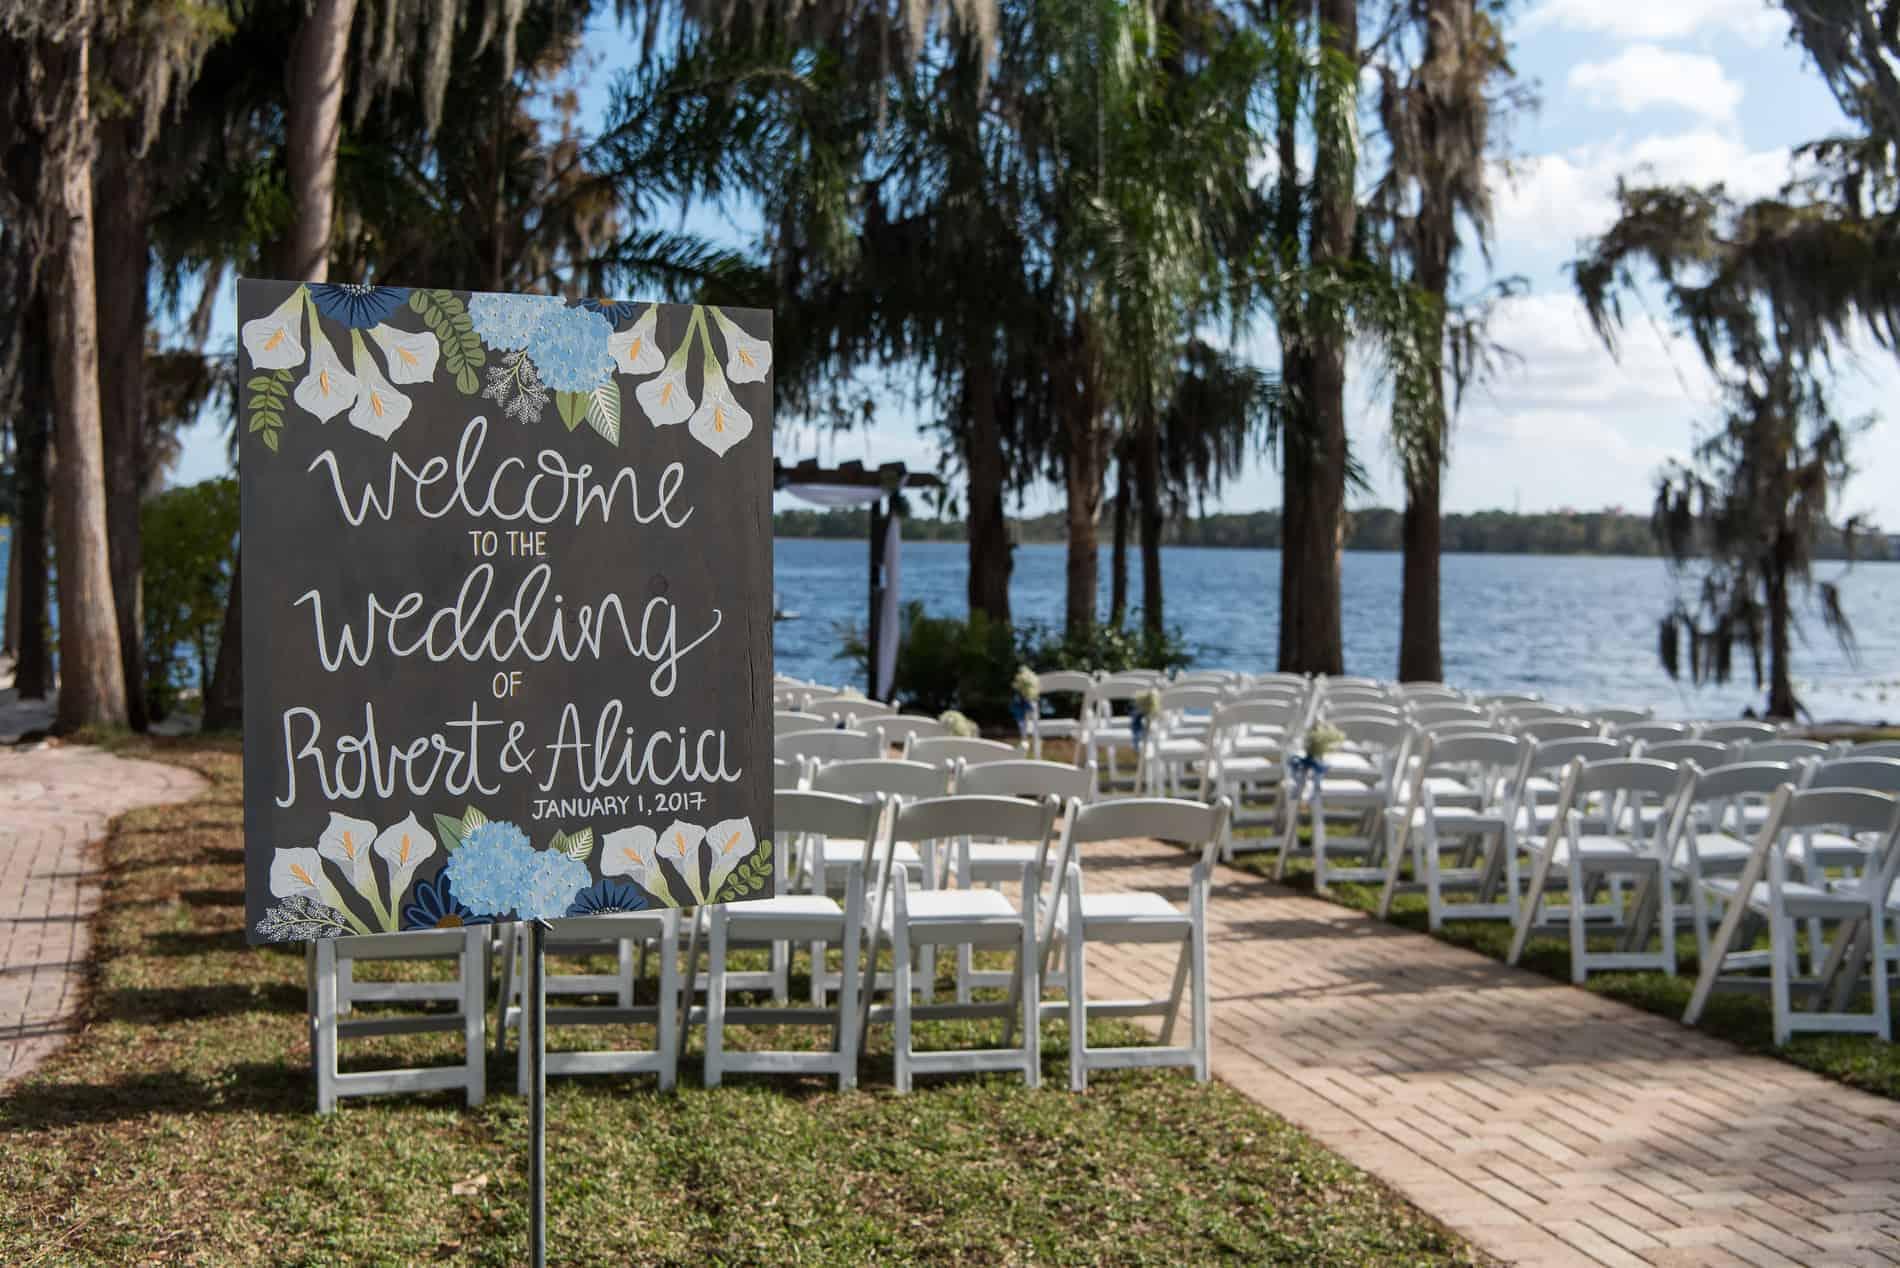 Paradise Cove Outdoor Wedding Venues in Orlando